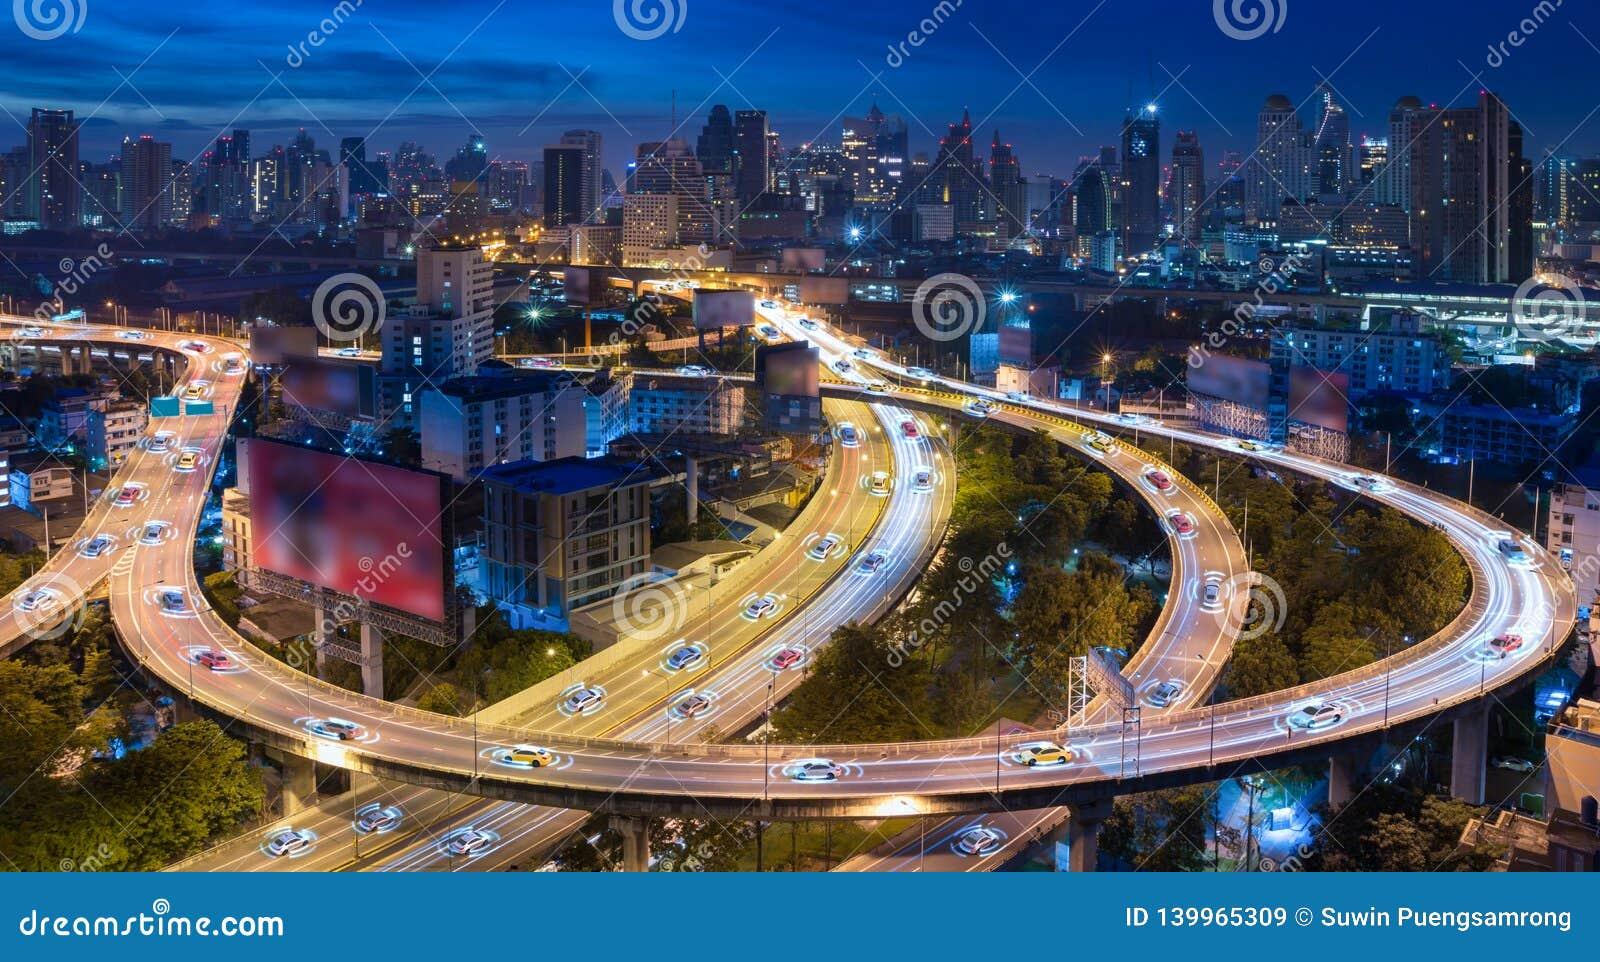 Αυτόνομα αυτοκίνητα με την αυτόματη οδήγηση αισθητήρων στην πόλη με την ασύρματη σύνδεση